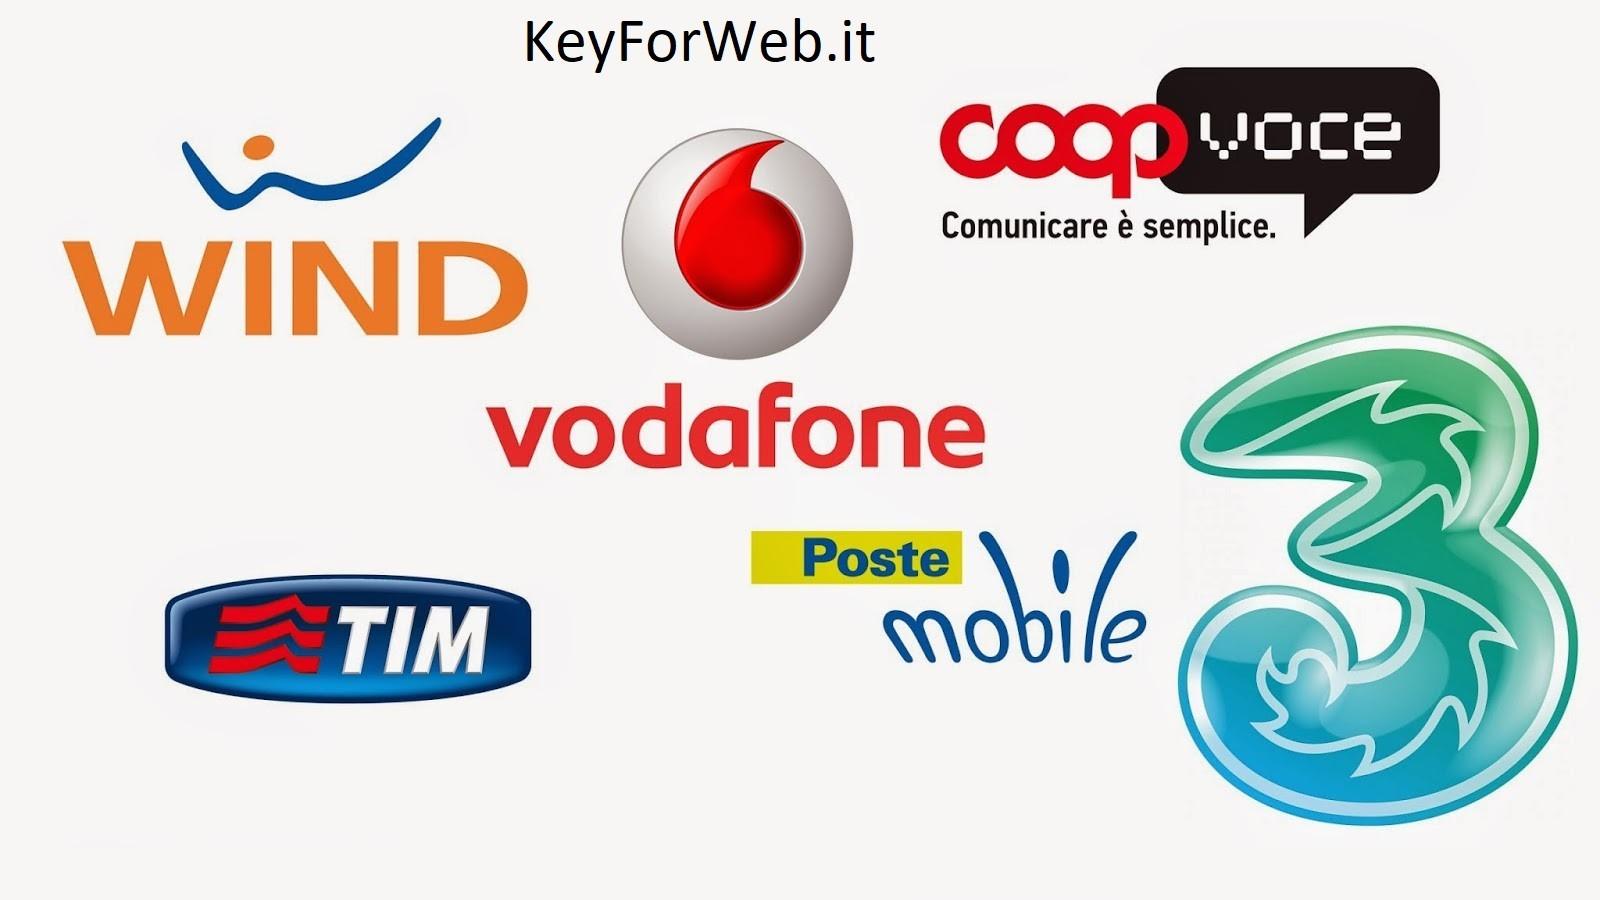 Brutta sorpresa dalle offerte passa a Vodafone e Wind il 16 ottobre